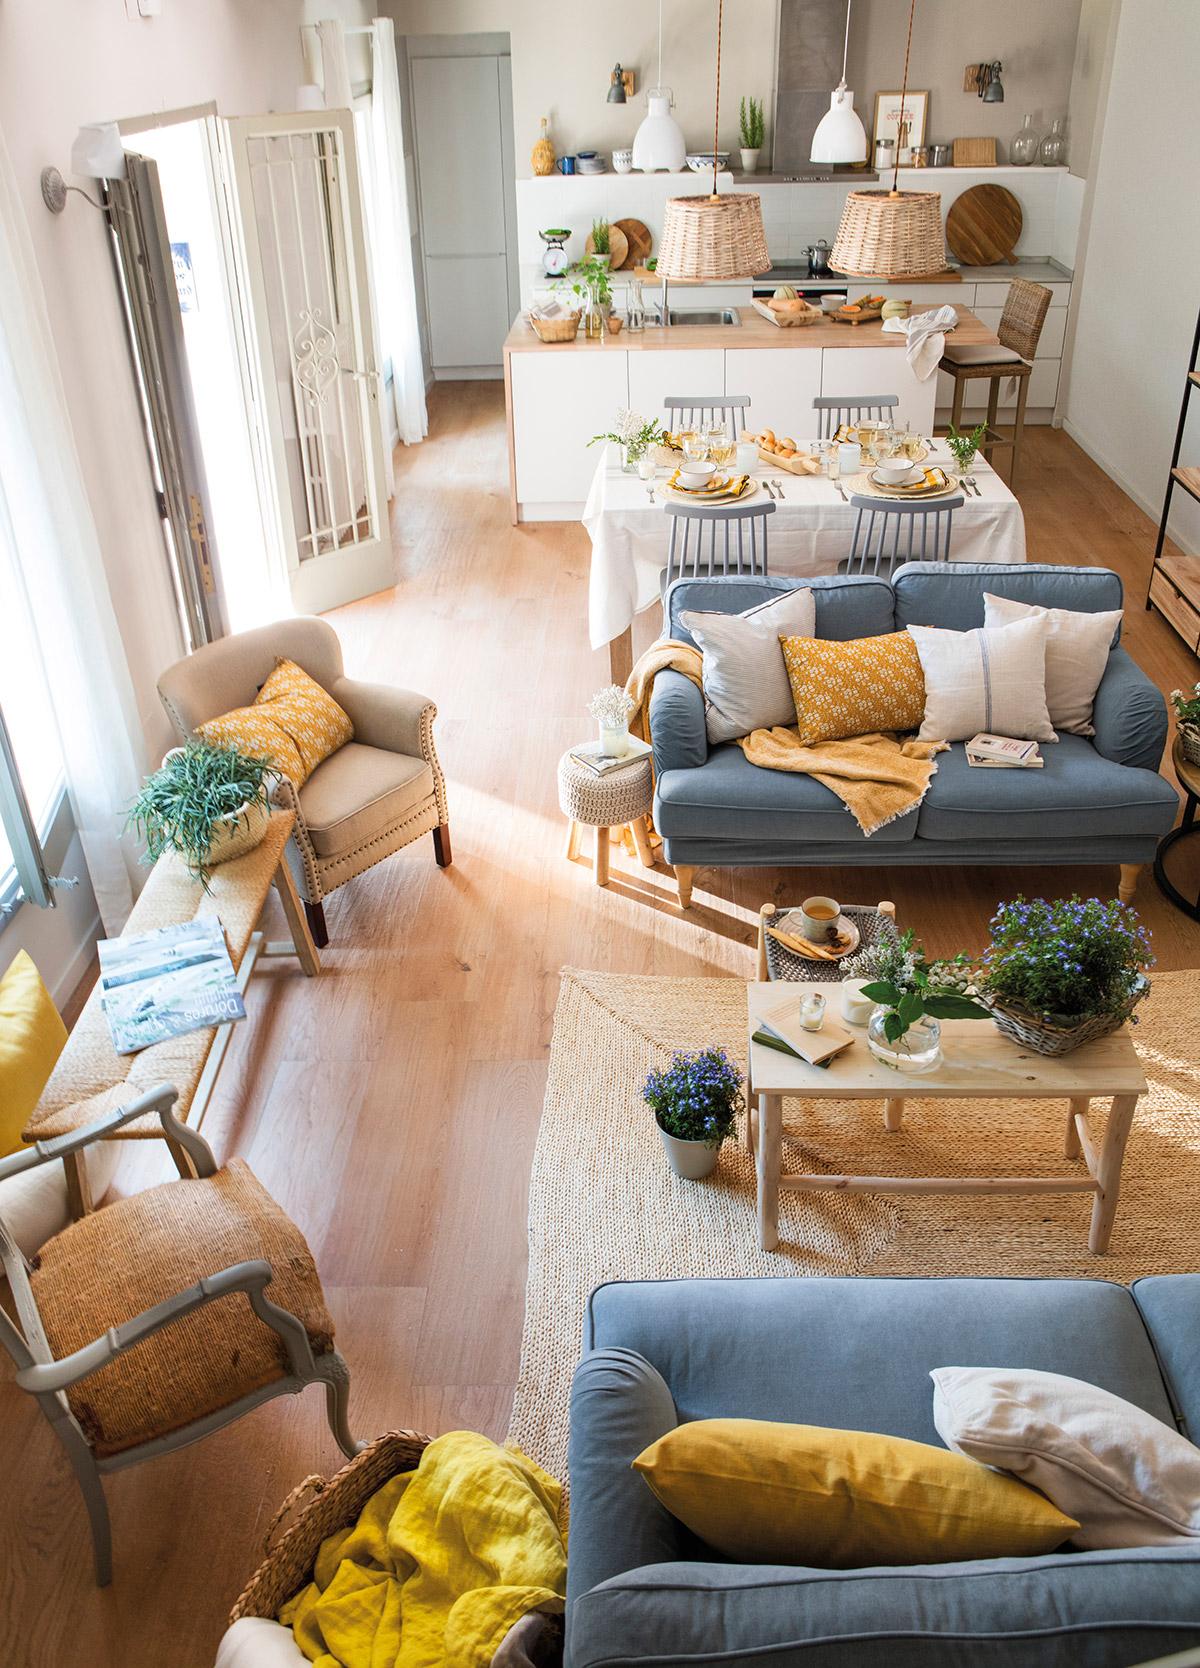 Ideas para aprovechar al m ximo el espacio de un piso peque o - Muebles de entrada pequenos ...